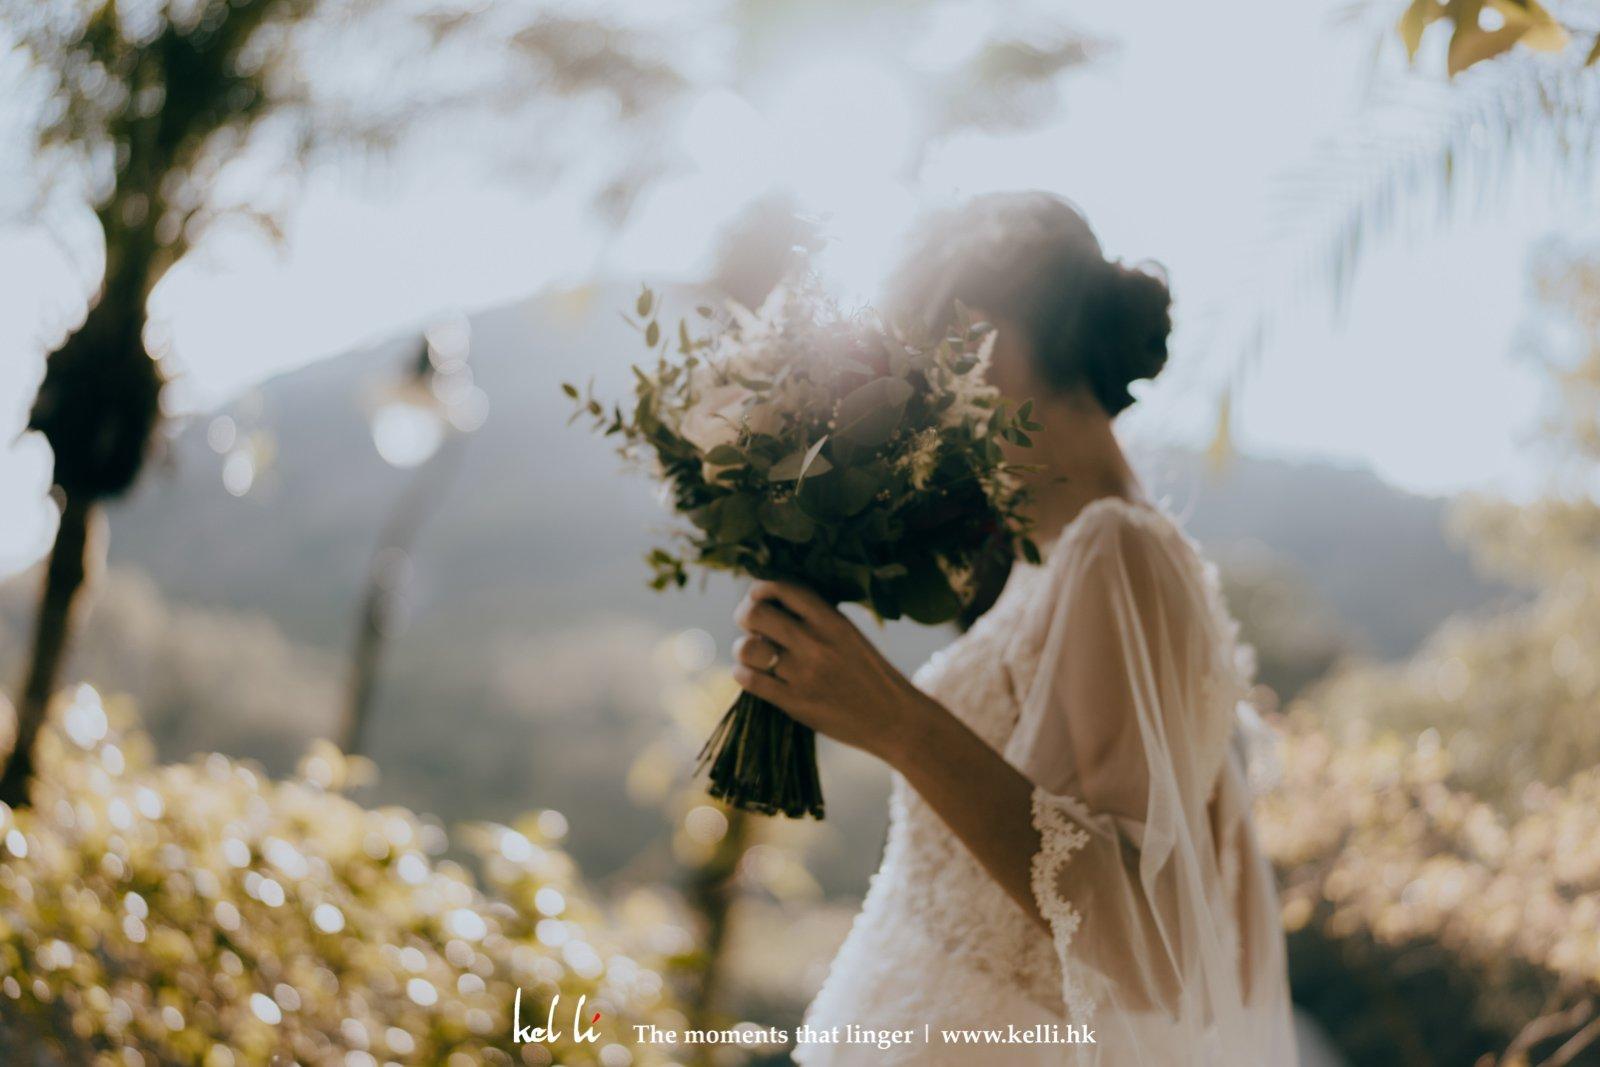 拿著Prewedding的花球,記下不經意擺動的美感